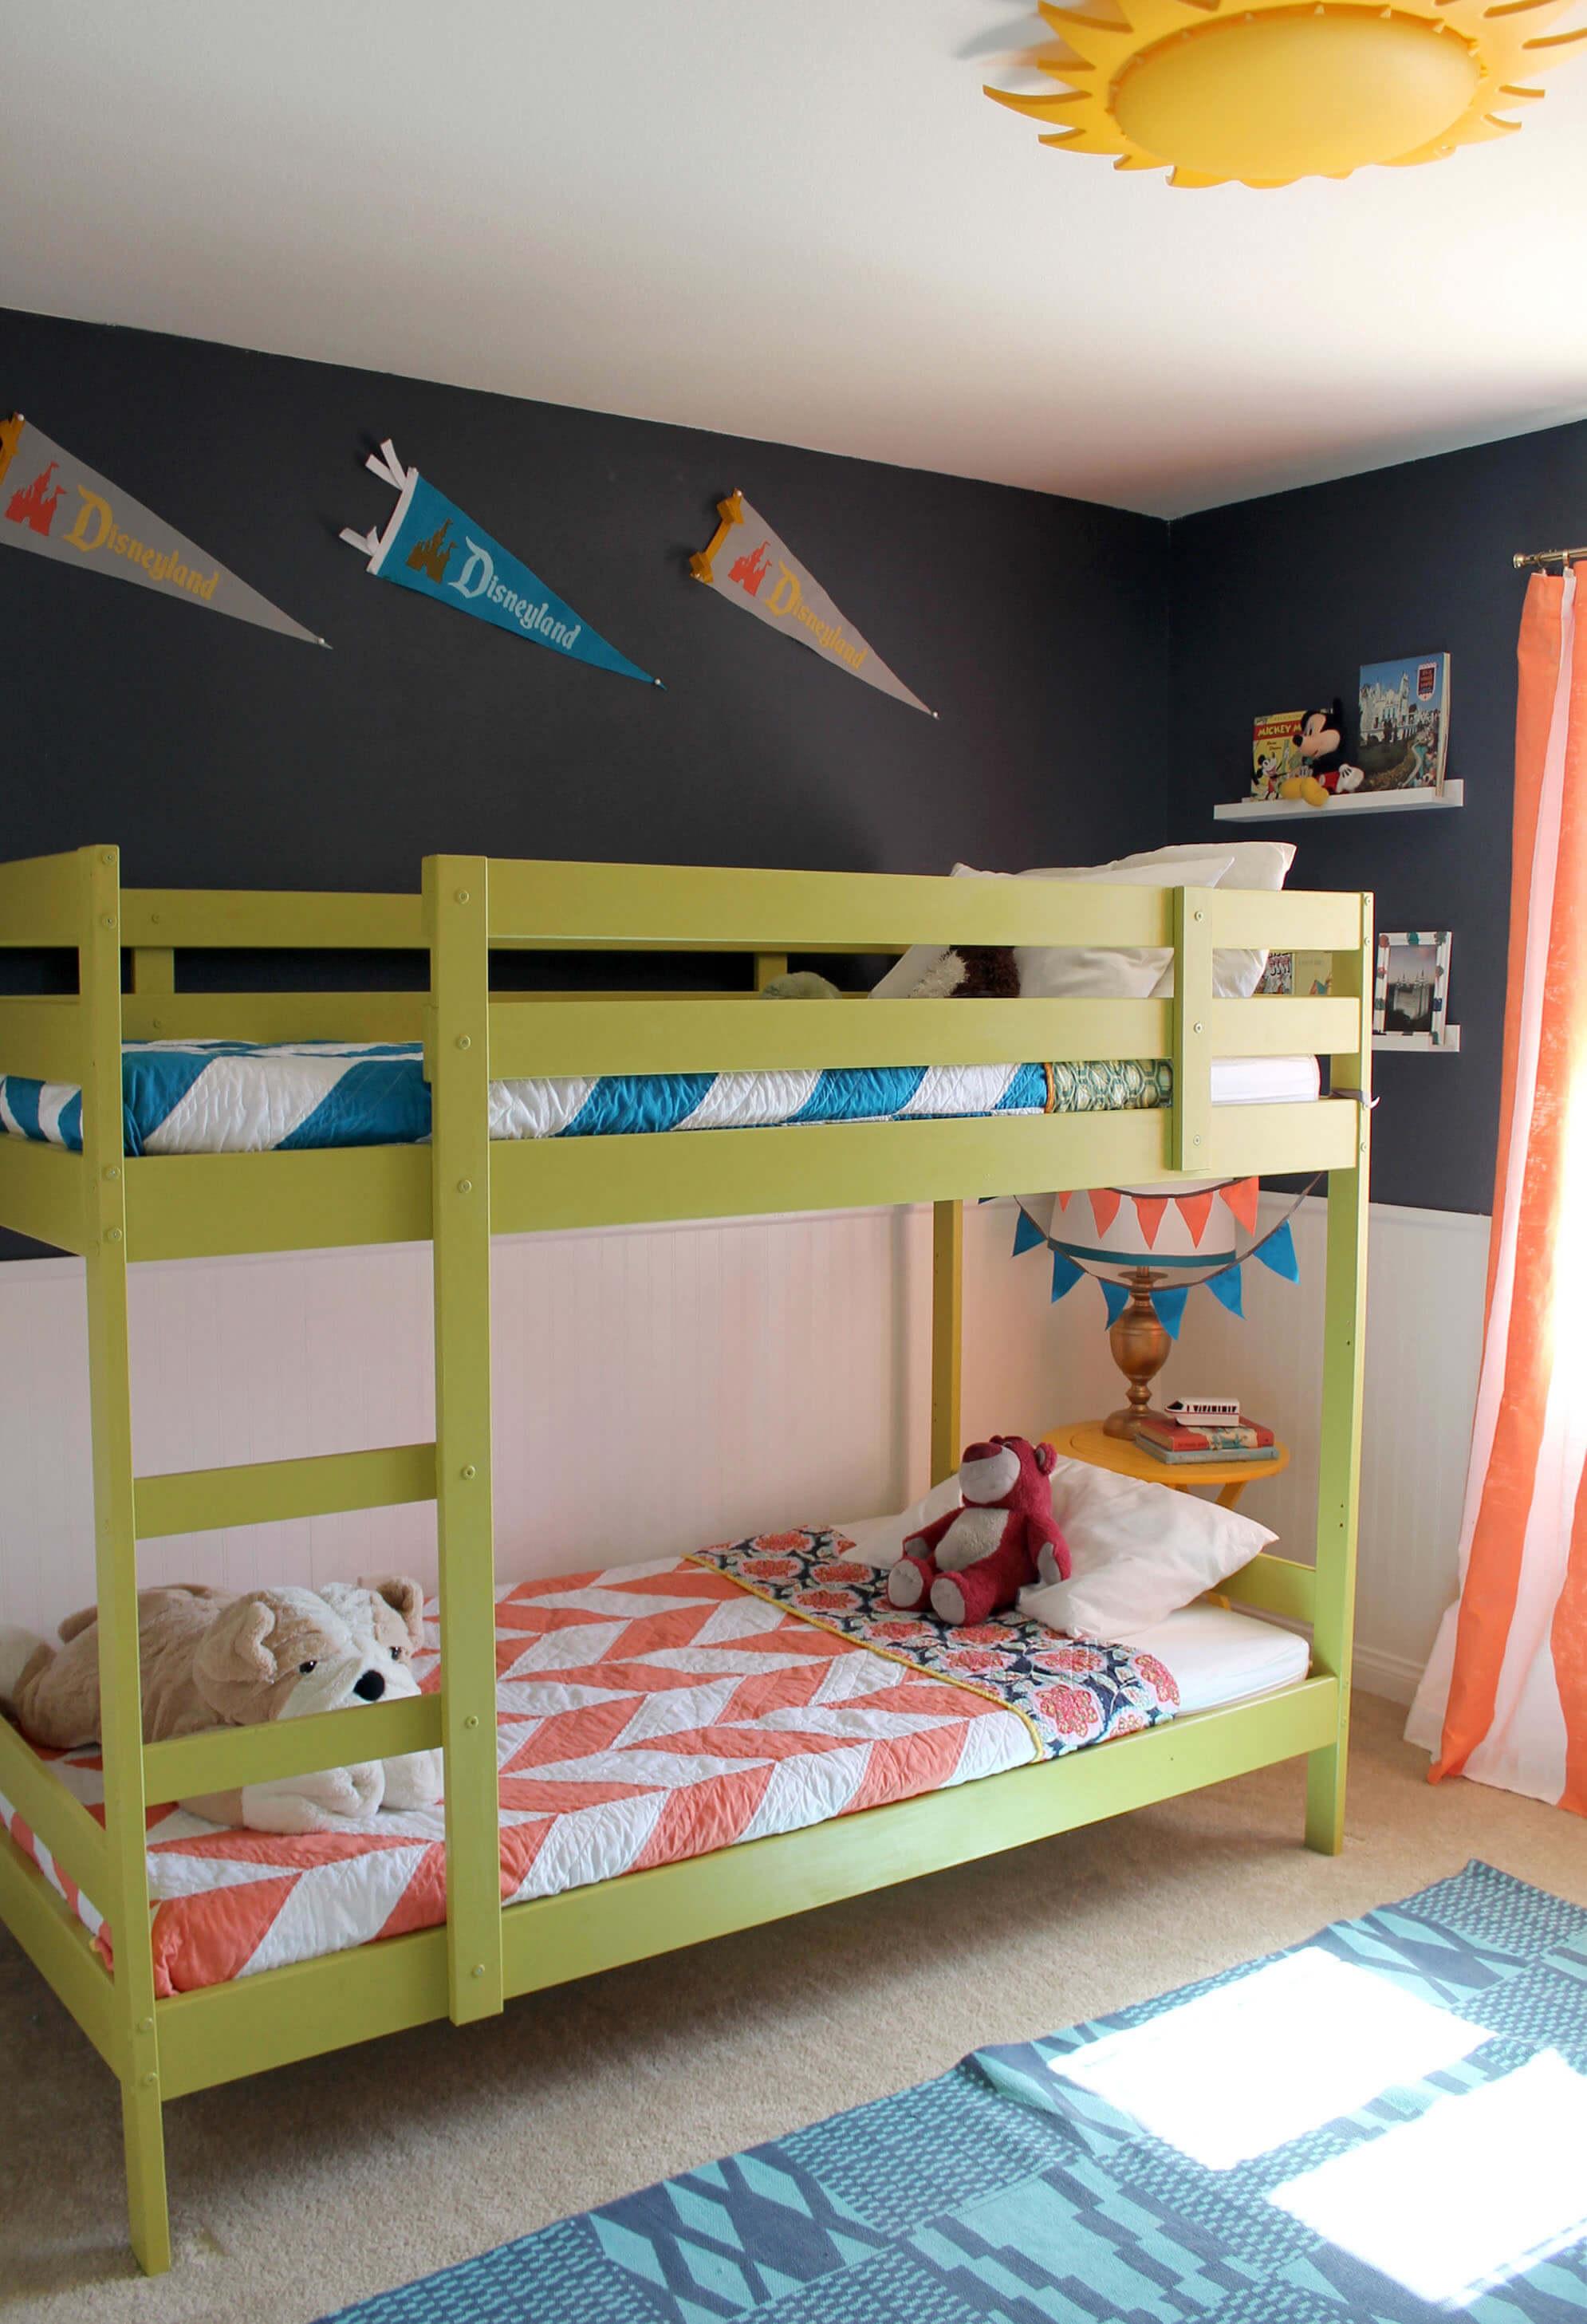 persia lou disneyland room2